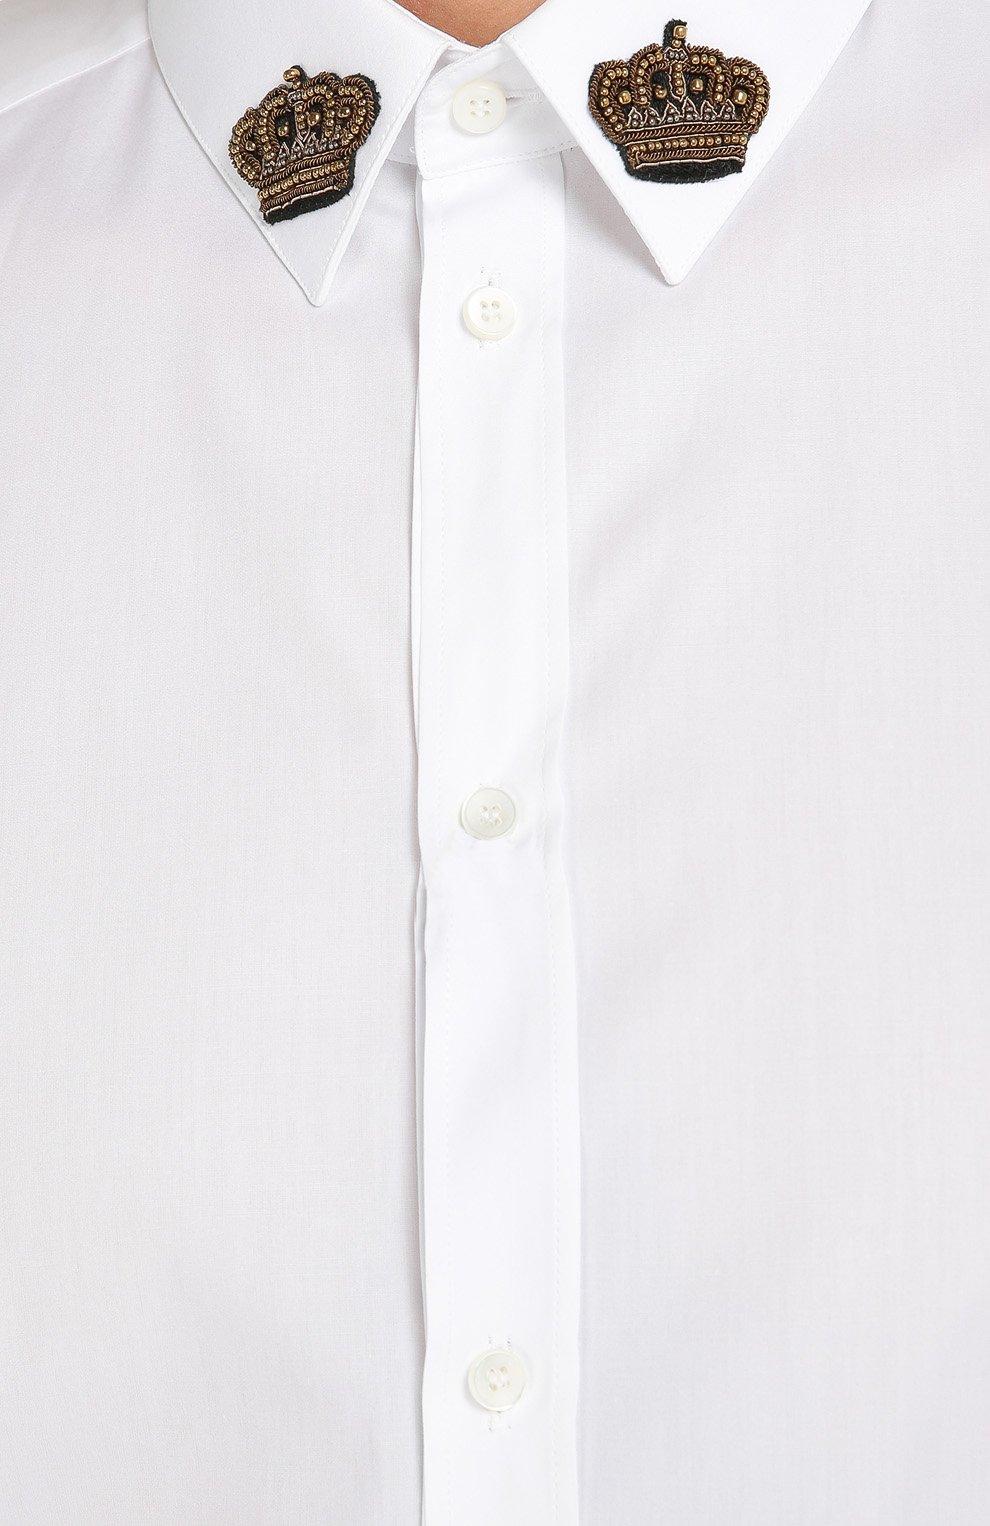 Хлопковая сорочка с вышивкой на воротнике Dolce & Gabbana белая | Фото №5